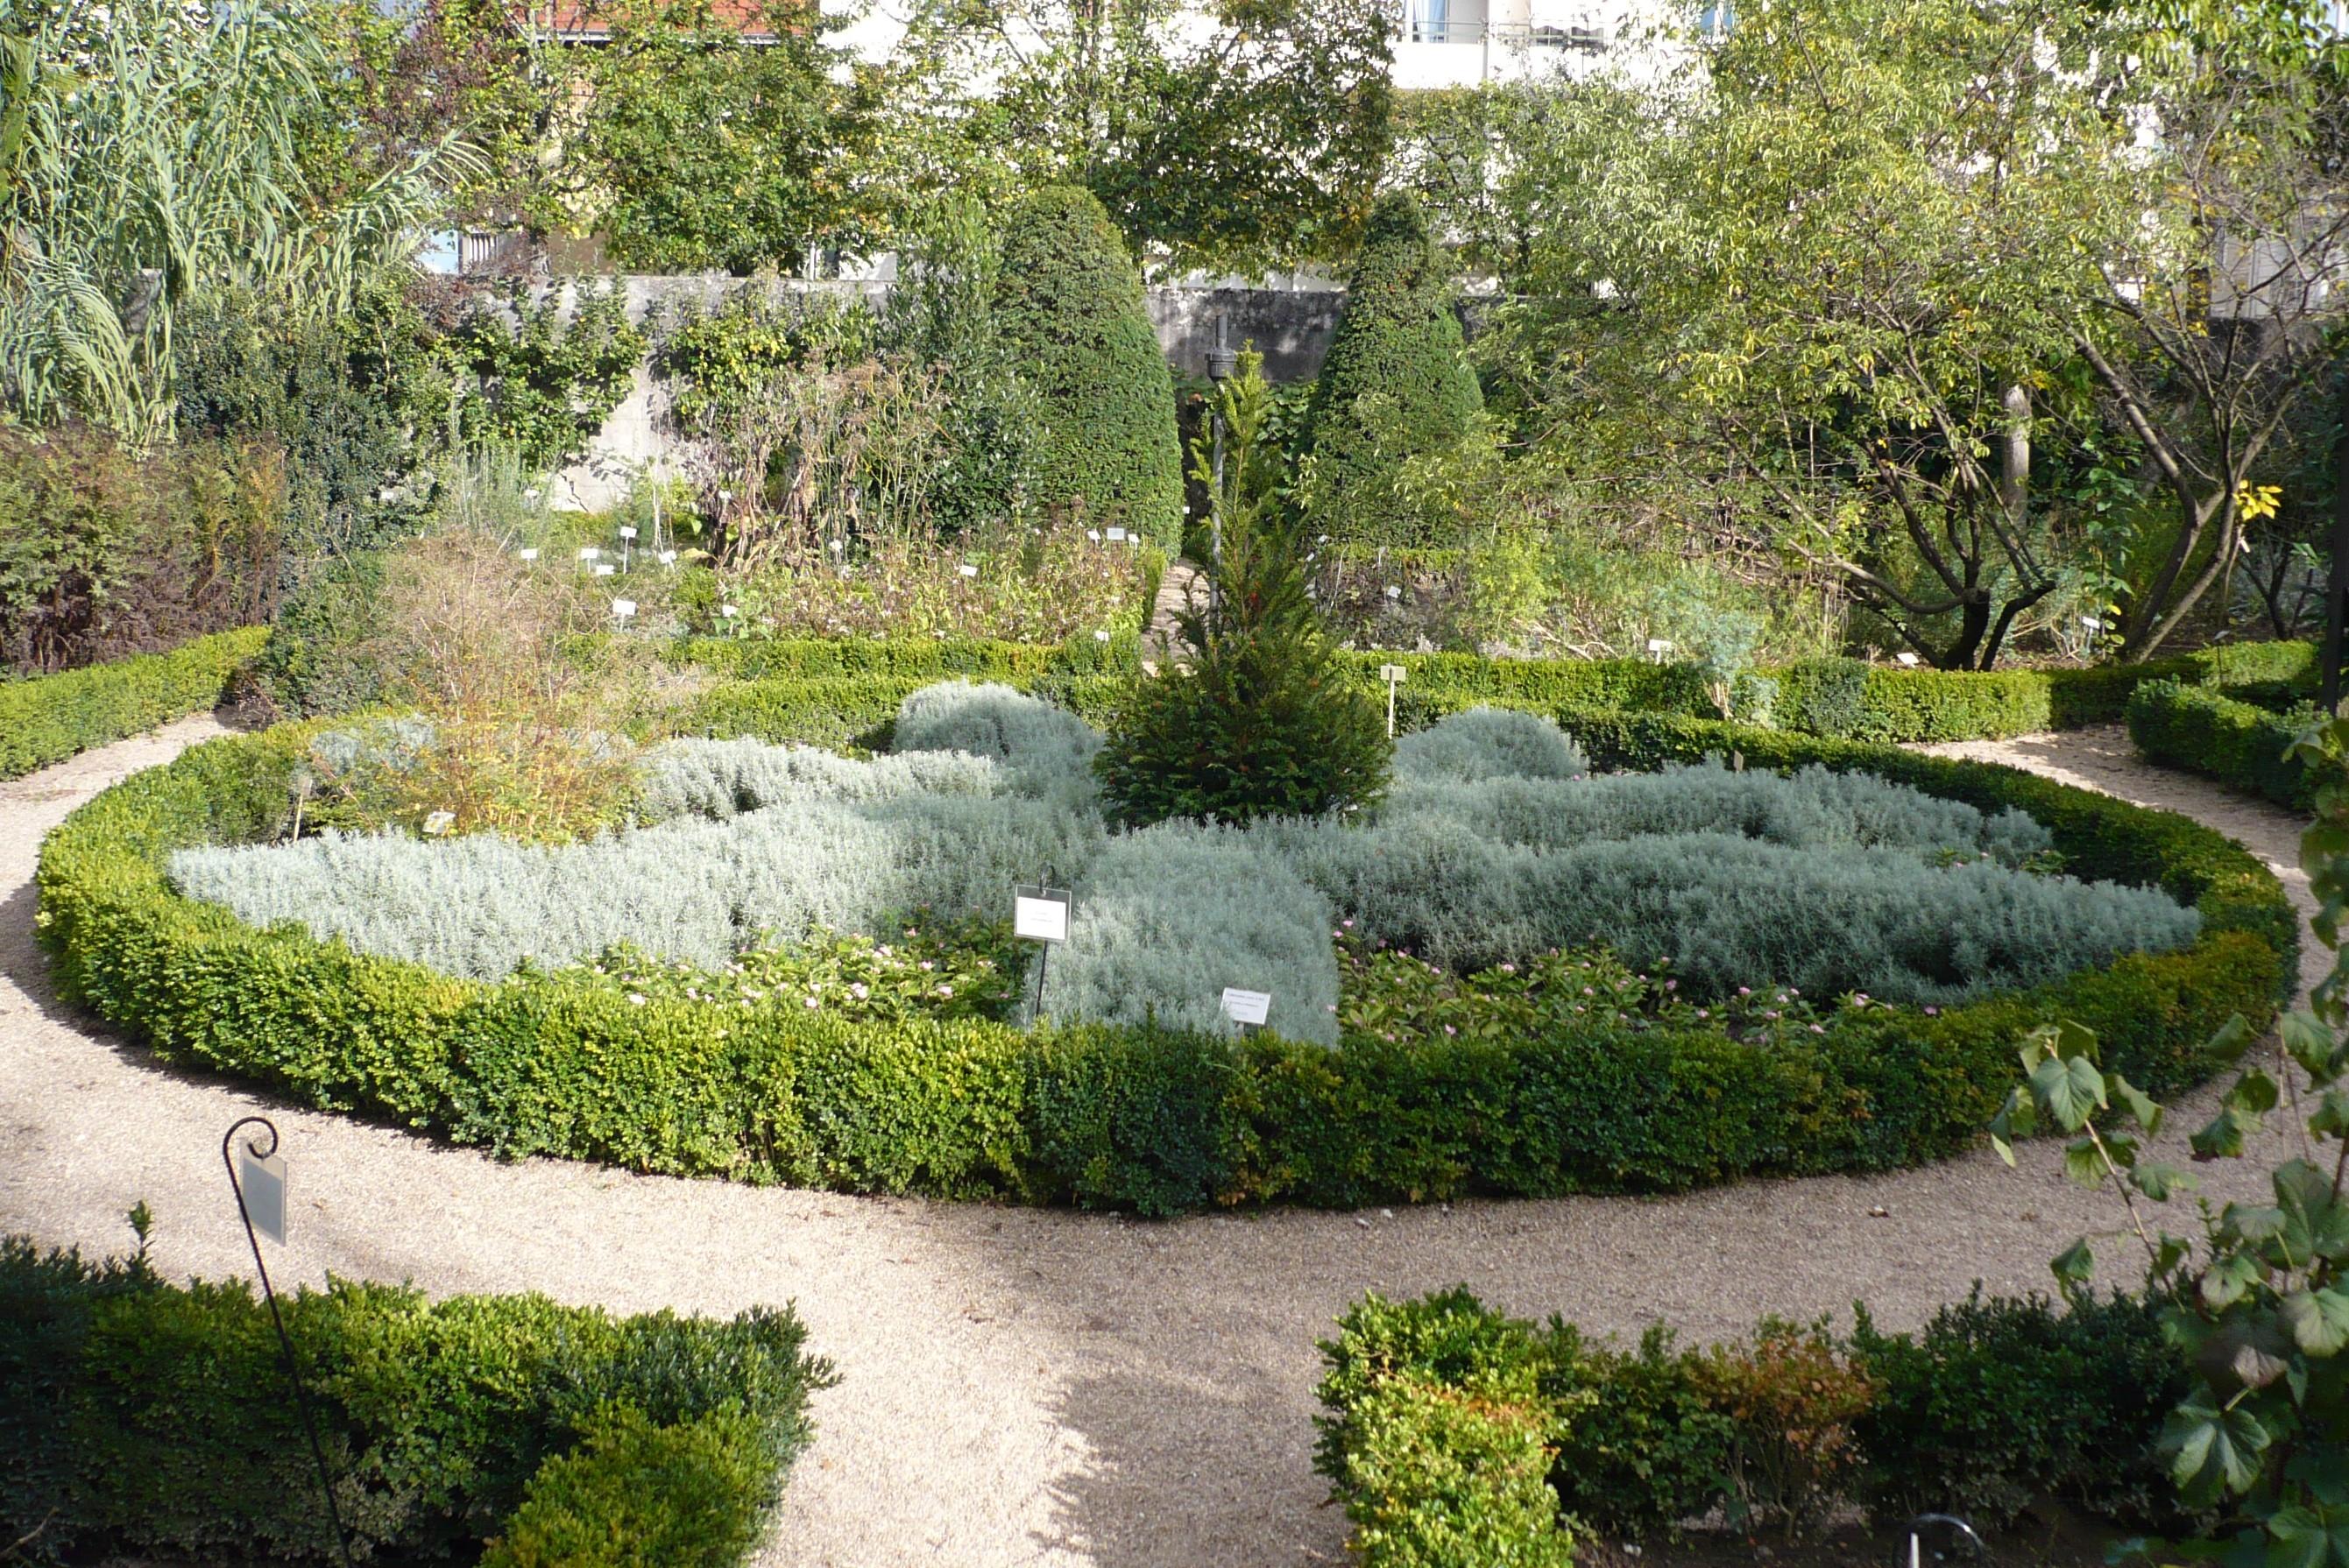 Jardin botanique de tours parcs et jardins en r gion centre for Jardin botanique tours